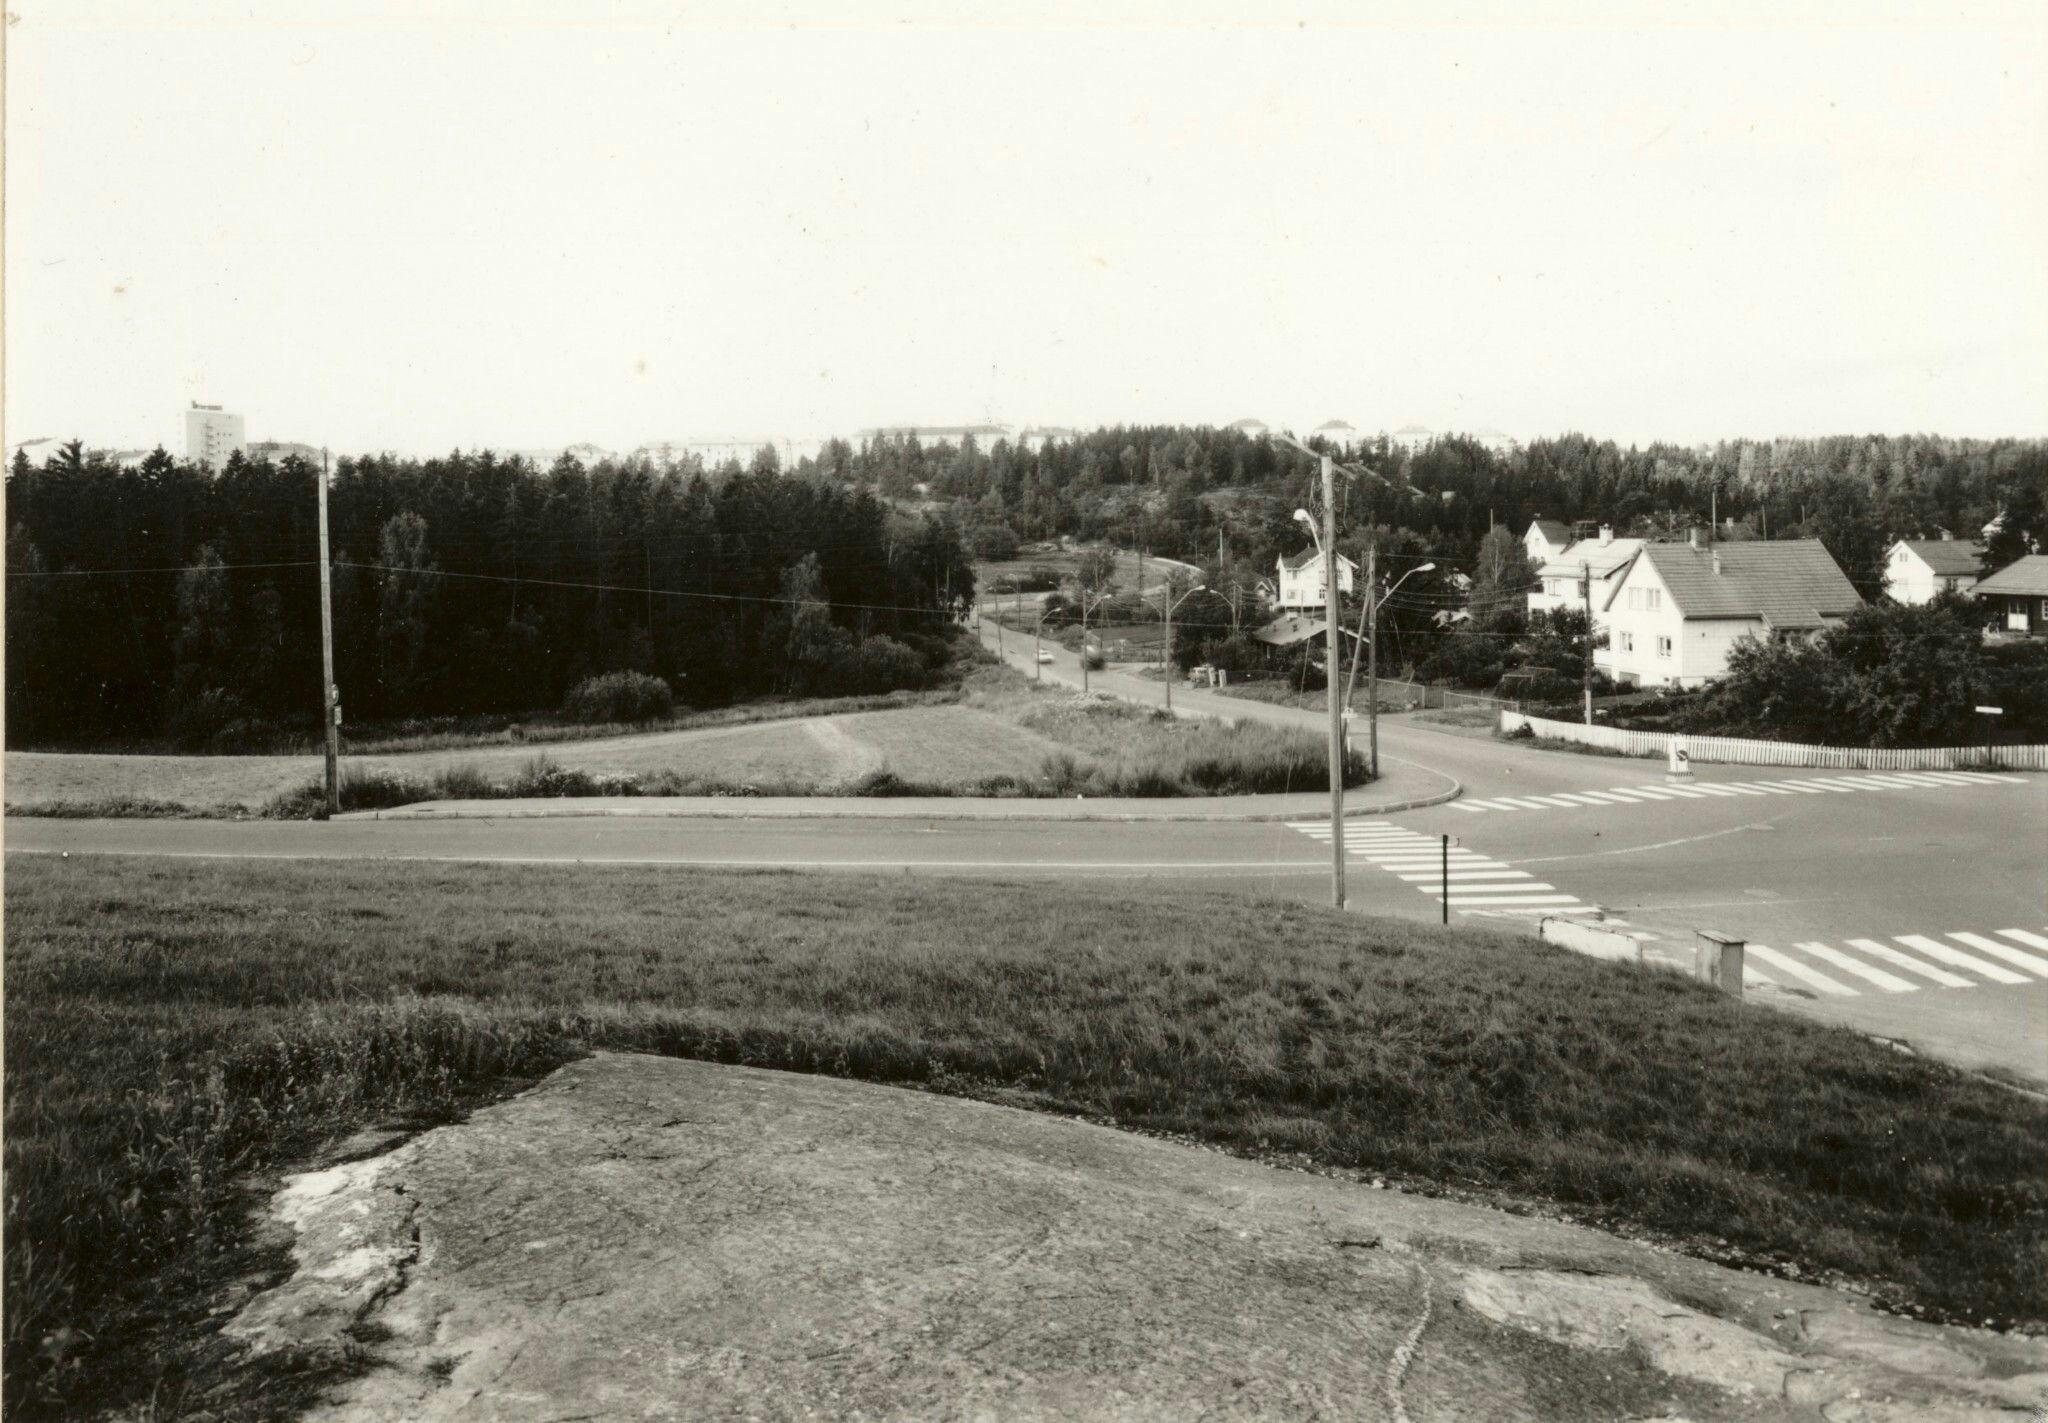 Oslo Abildsøkrysset Bildet er tatt mot Lambertseter i krysset av Enebakkveien/Lambertseterveien/Østensjøveien. 1970